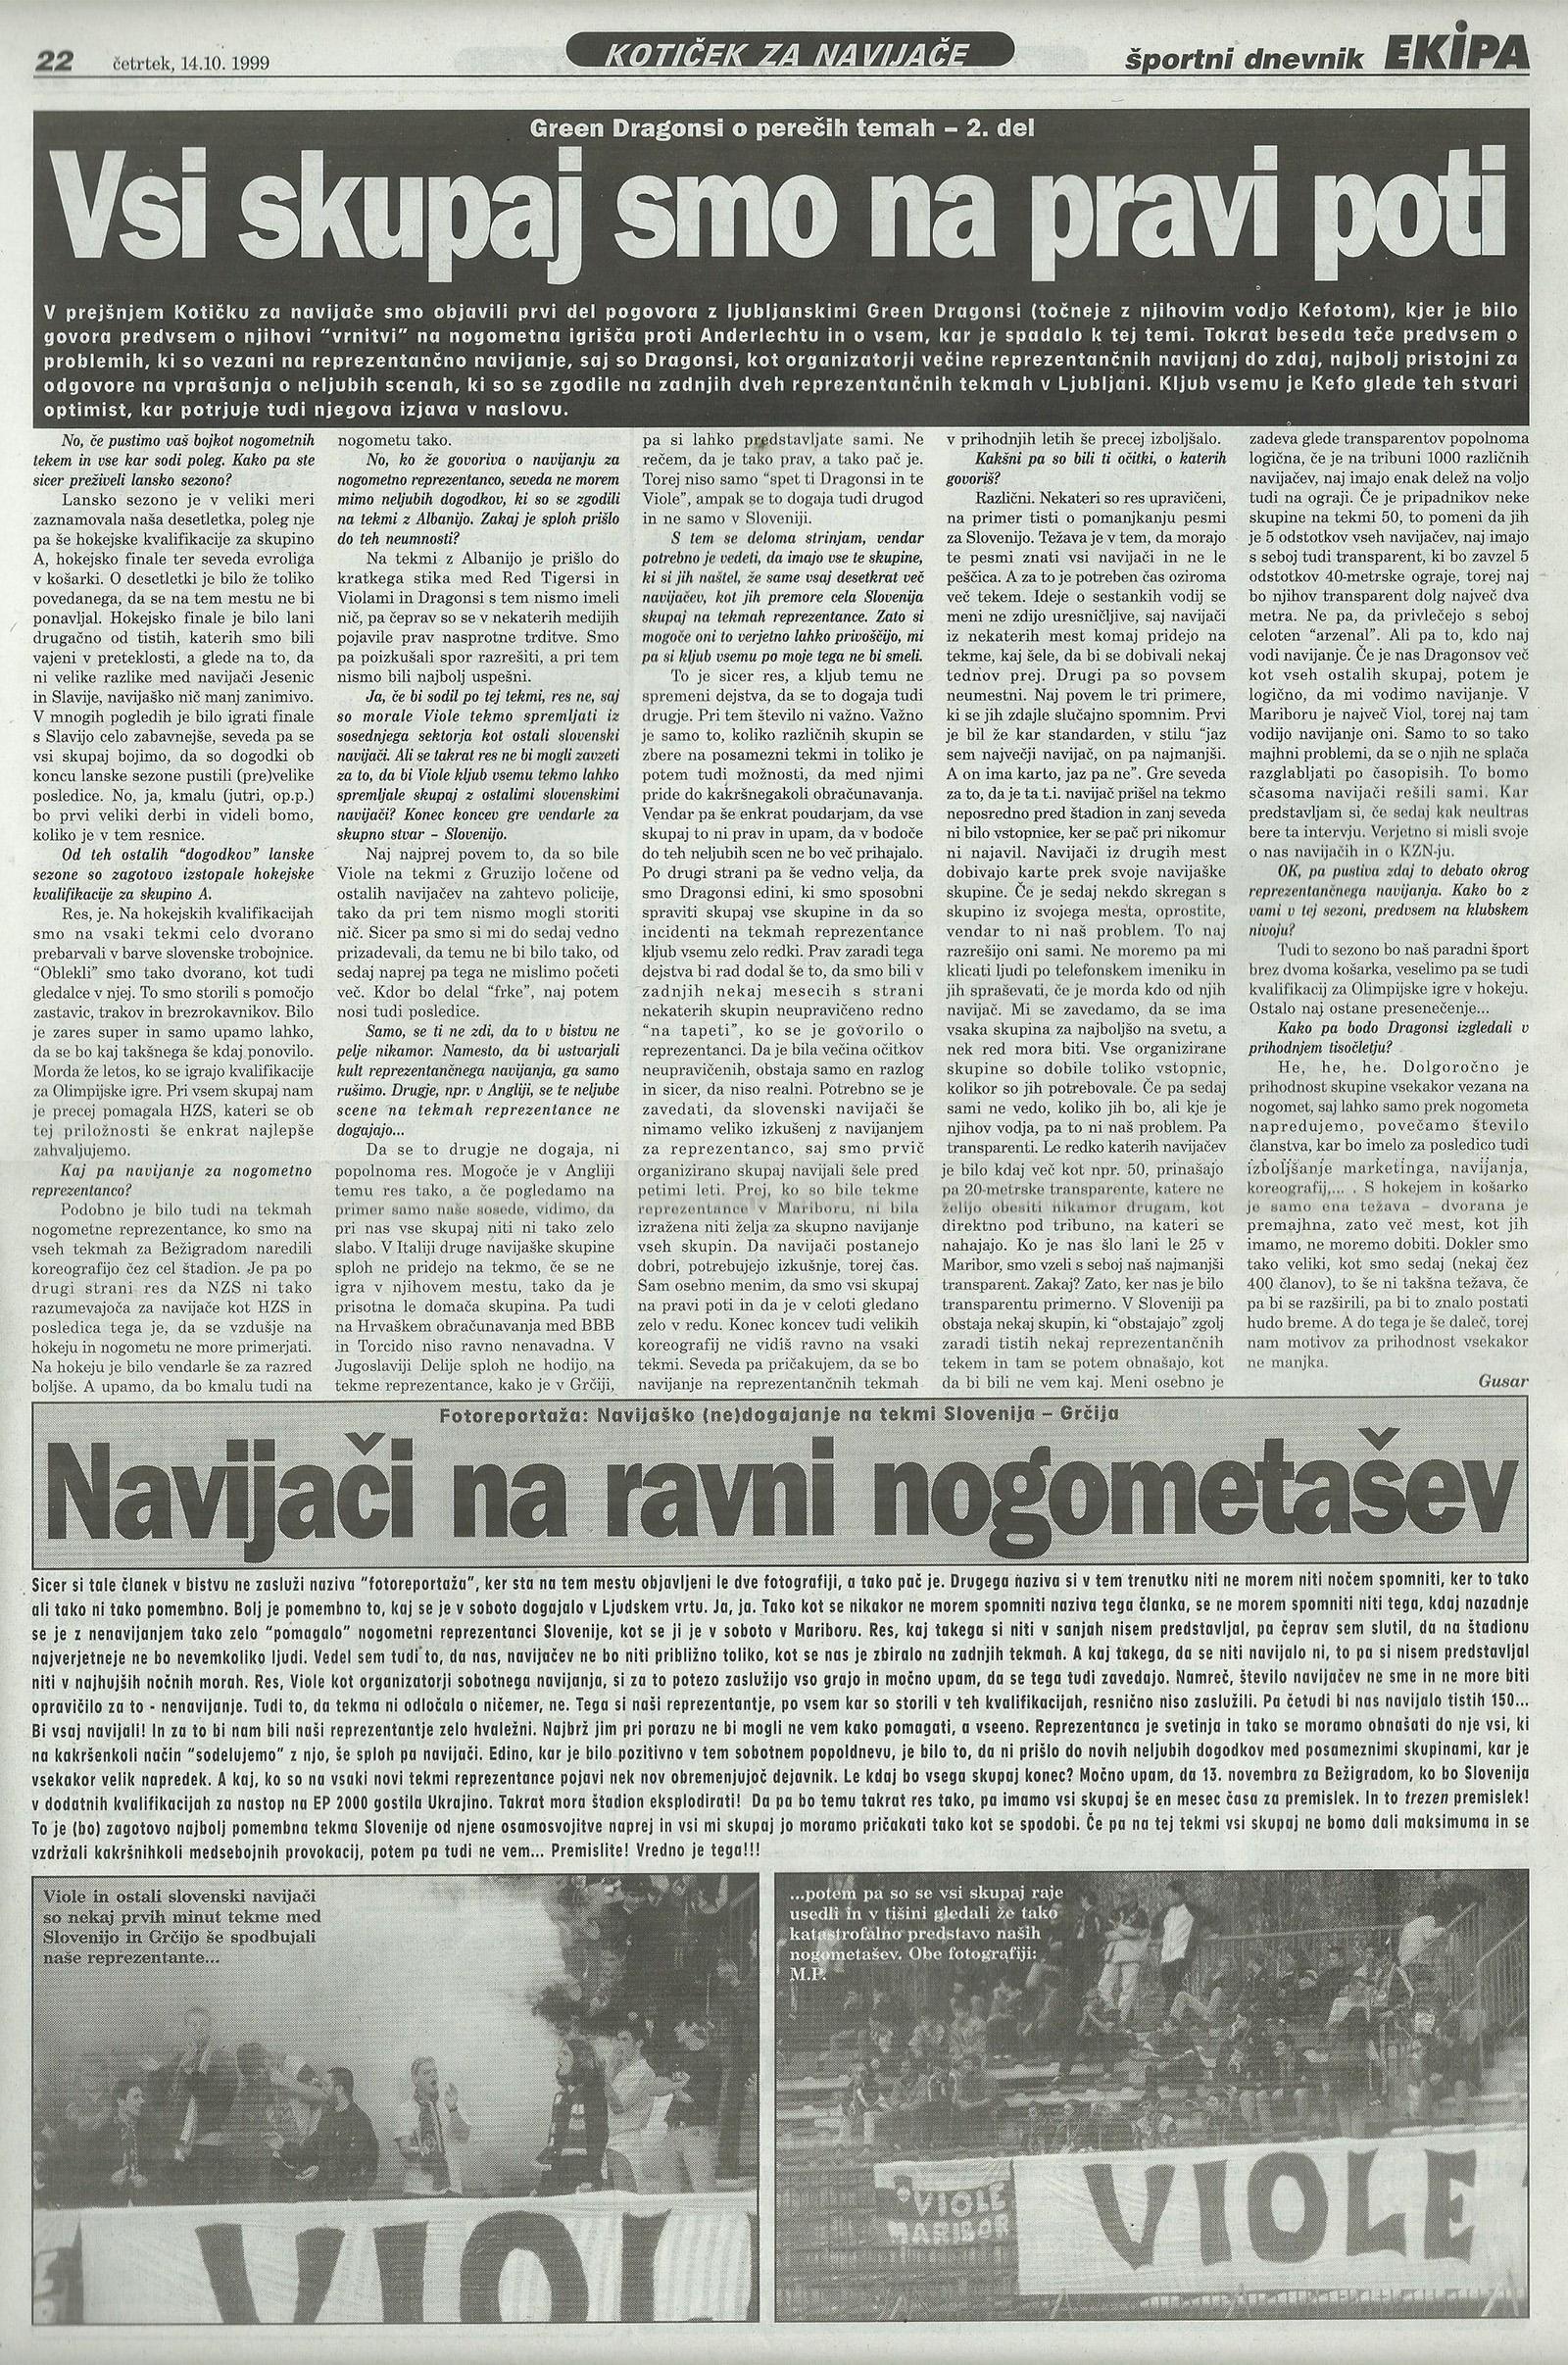 KZN_14-10-1999_1600px